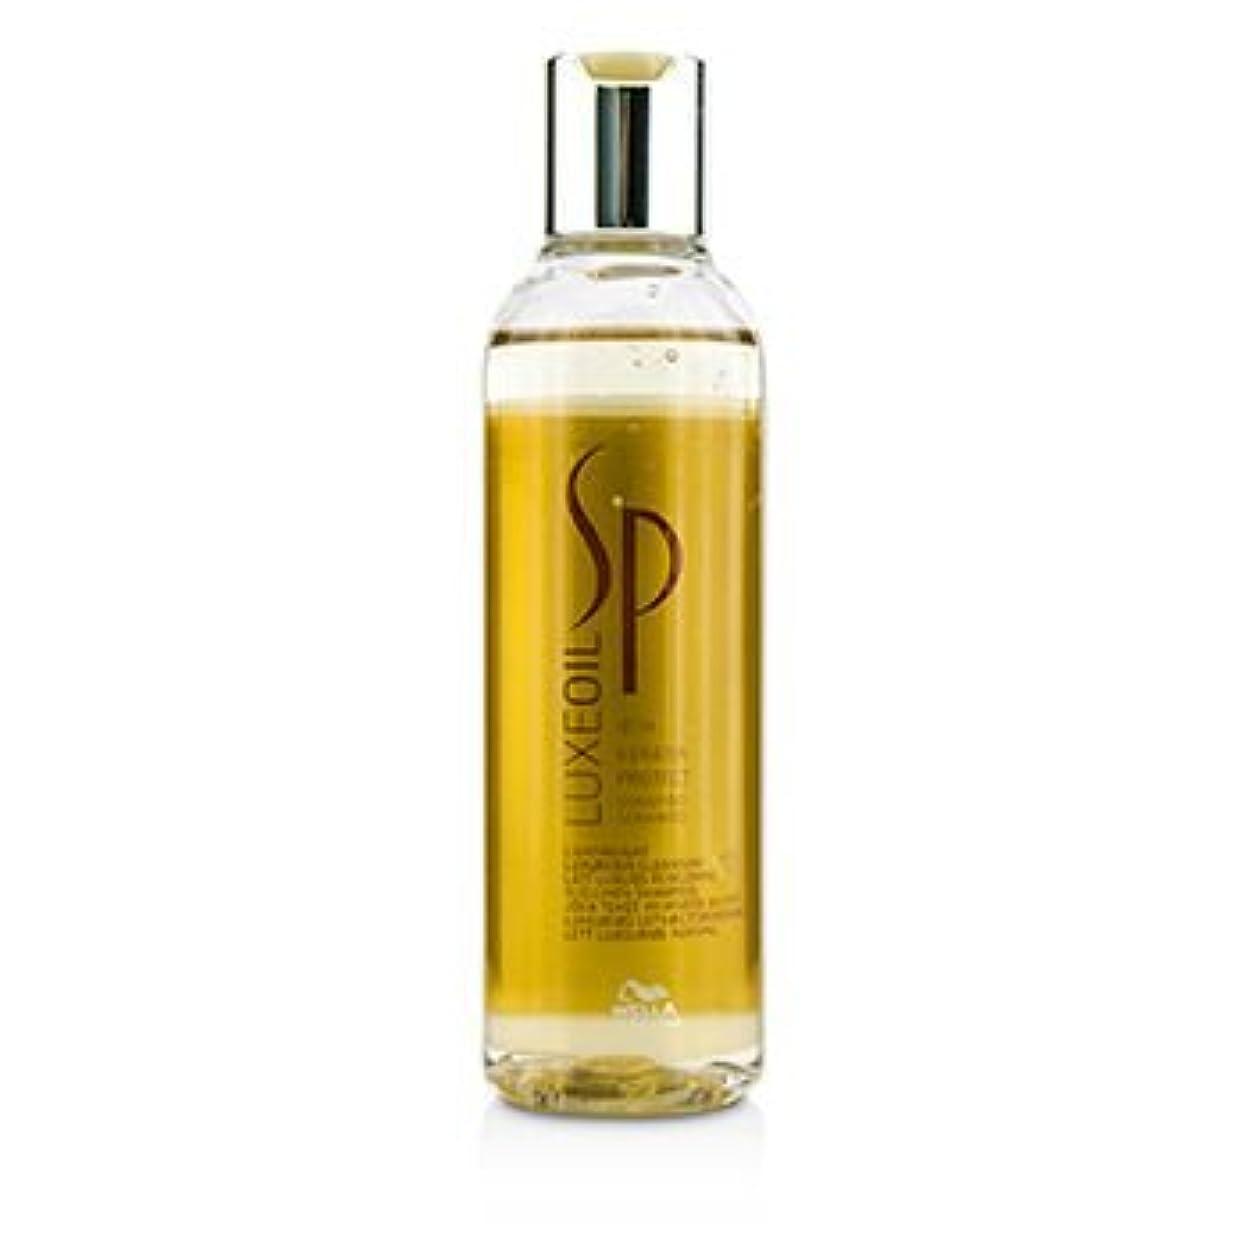 余分な宇宙かび臭いWella SP Luxe Hair Oil Keratin Protect Shampoo - 200ml by WELLA System Professional [並行輸入品]